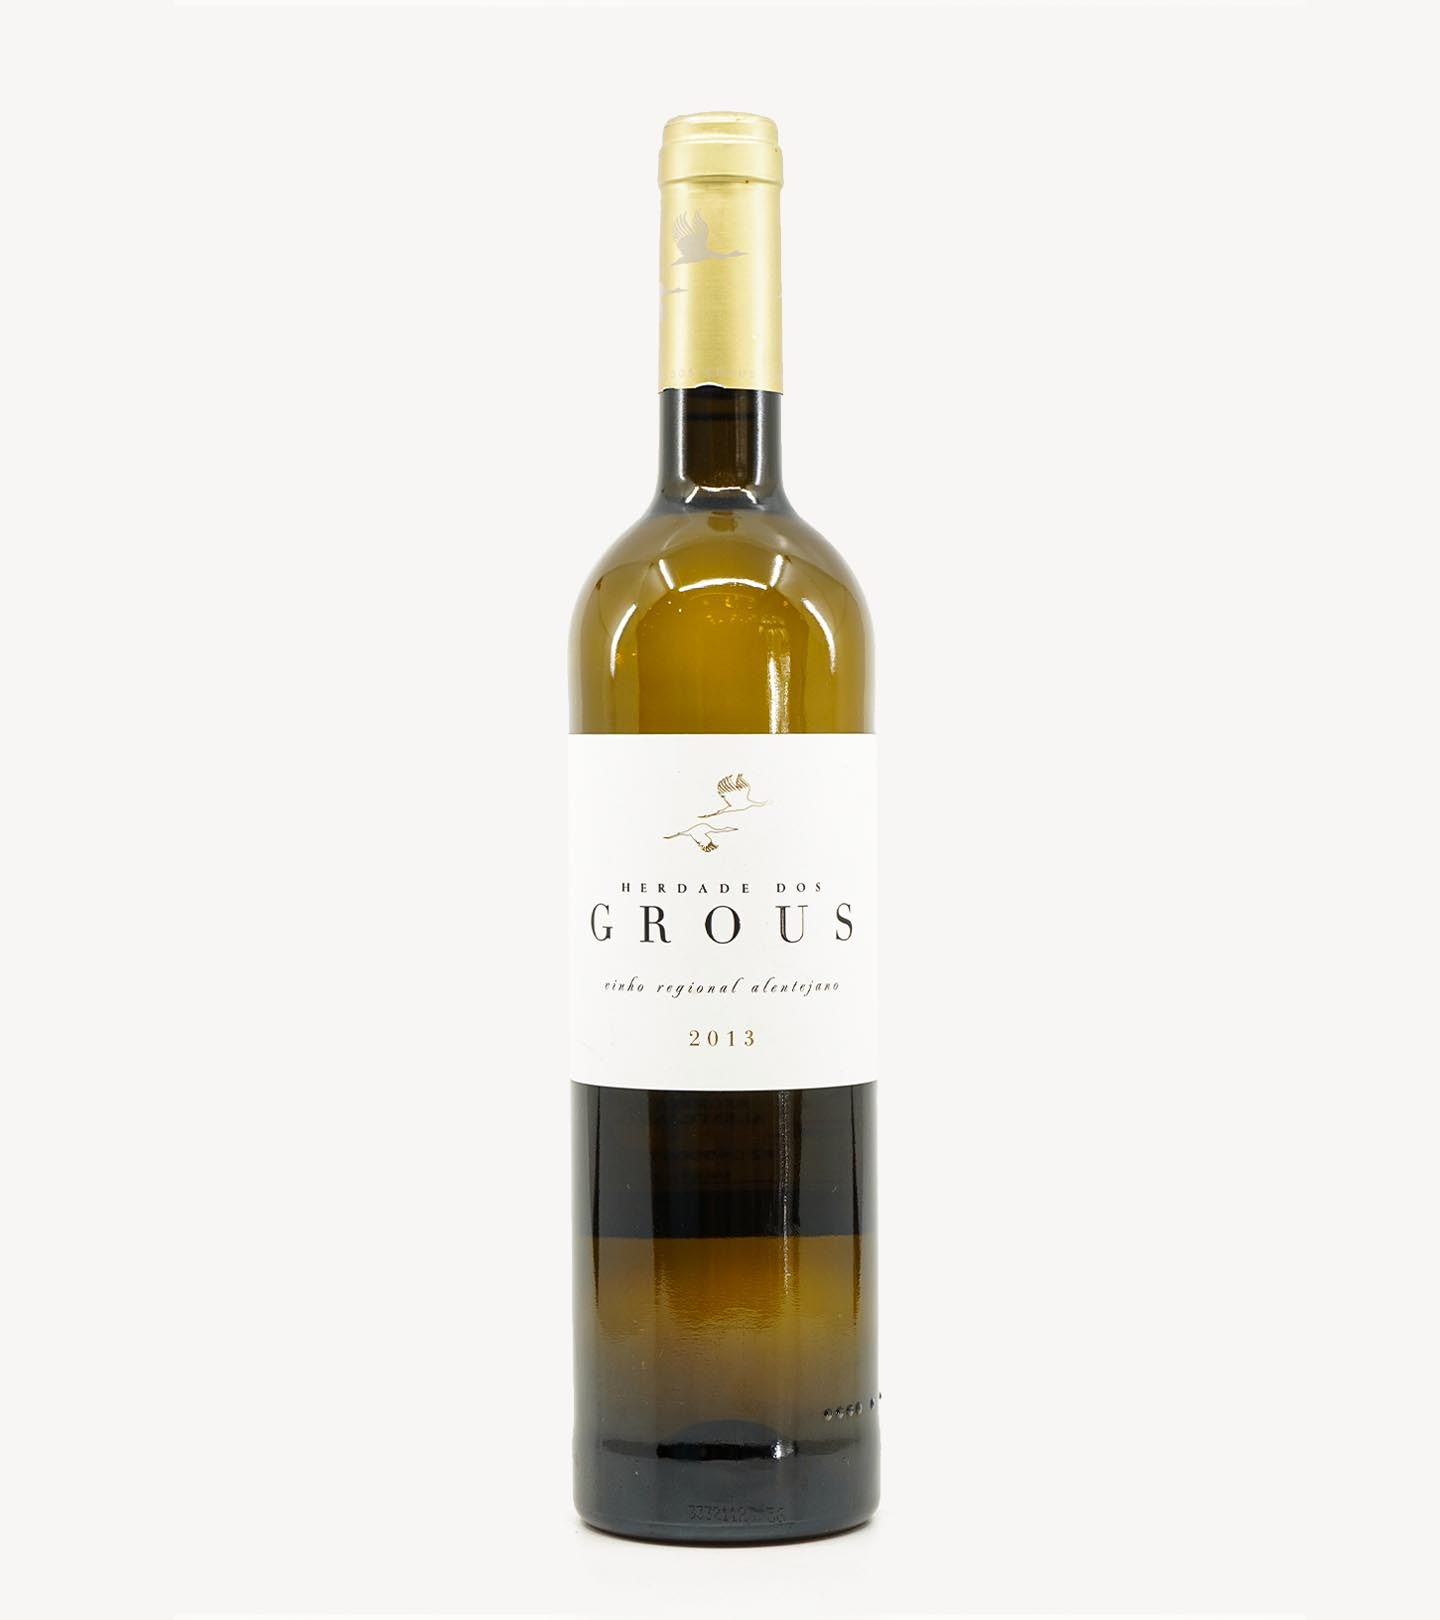 Vinho Branco Alentejano Herdade dos Grous 75cl